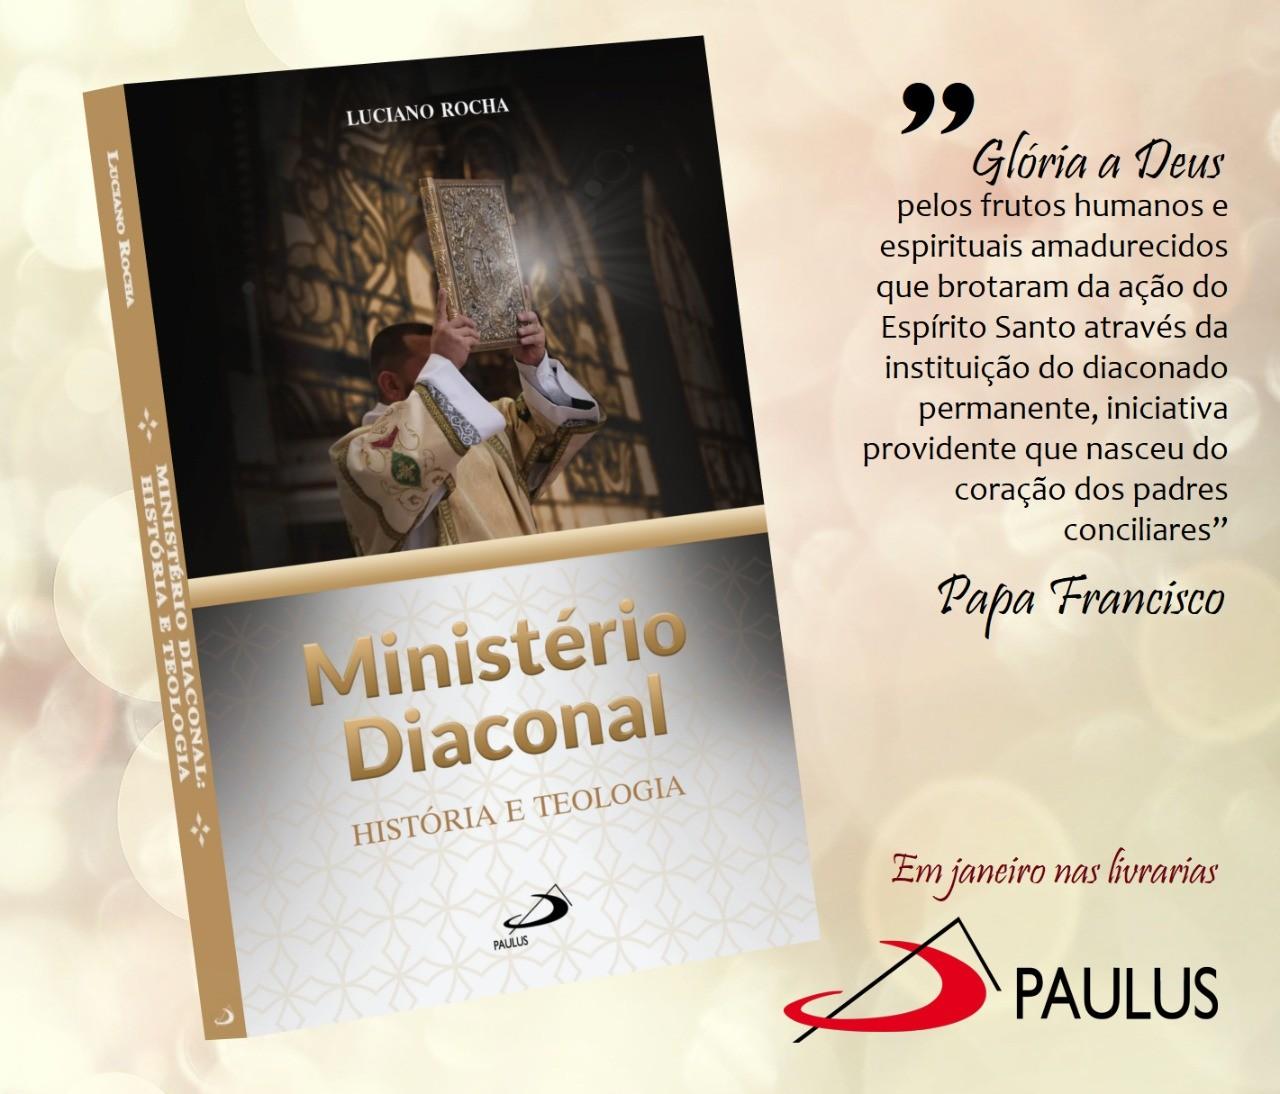 Livro «Ministério Diaconal: história e teologia», já está disponível nas lojas e no site da Editora Paulus